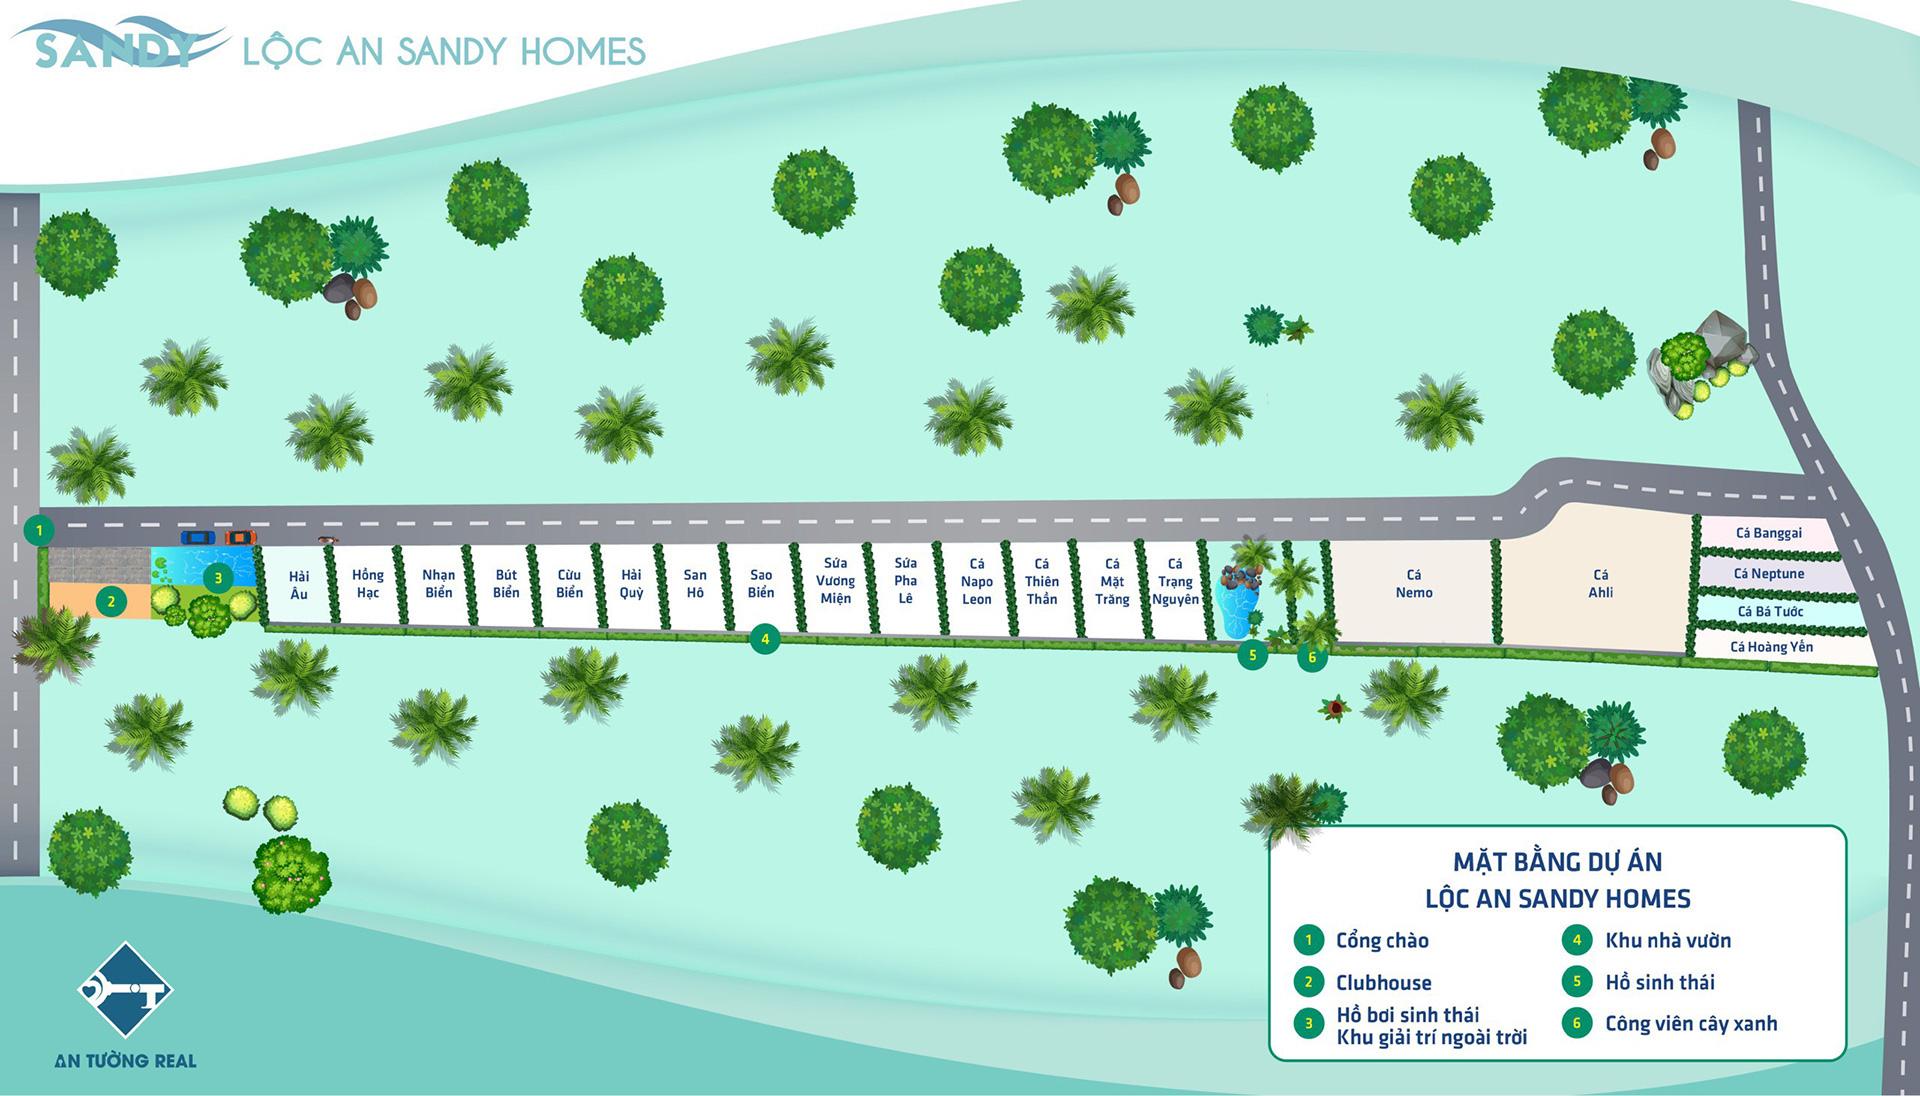 Mặt bằng tổng Lộc An Sandy Homes 24-06-2021